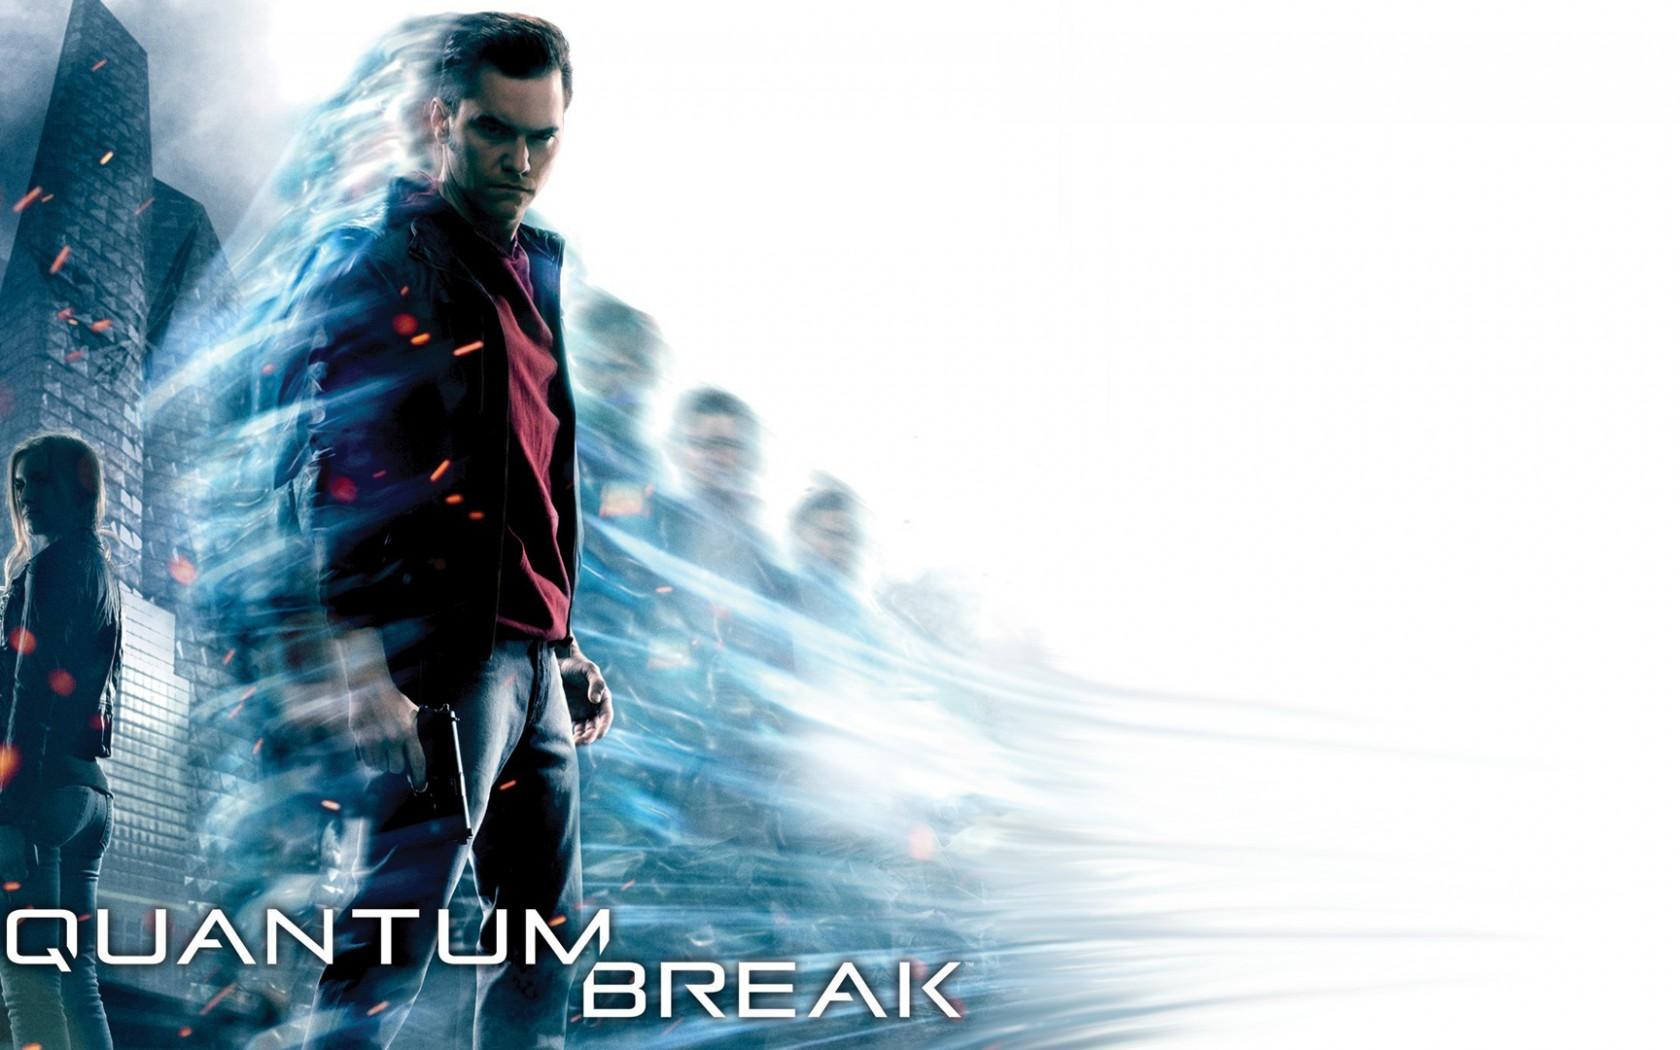 Confirmado que Quantum Break tendrá una versión para PC